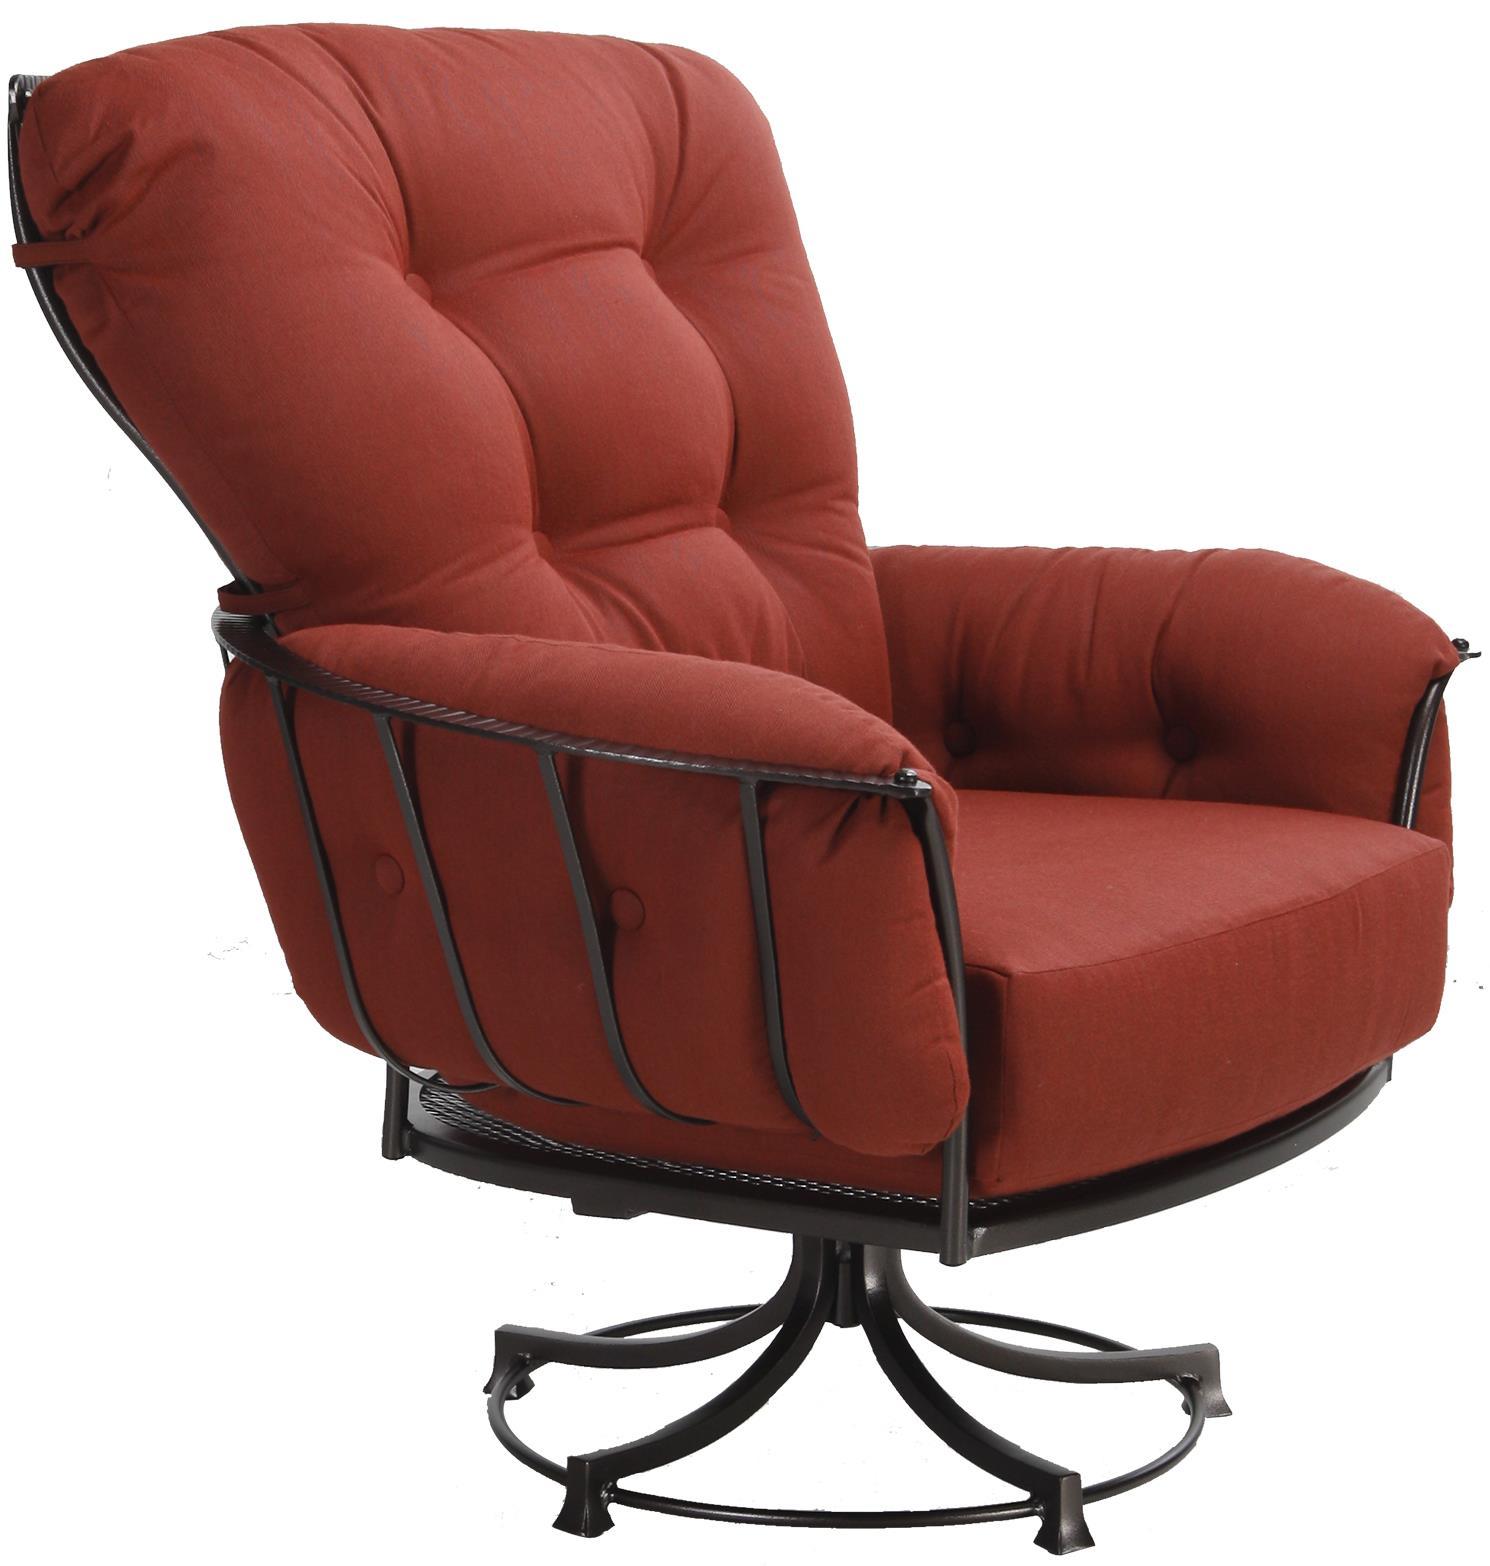 O.W. Lee Monterra Swivel Rocker Lounge Chair